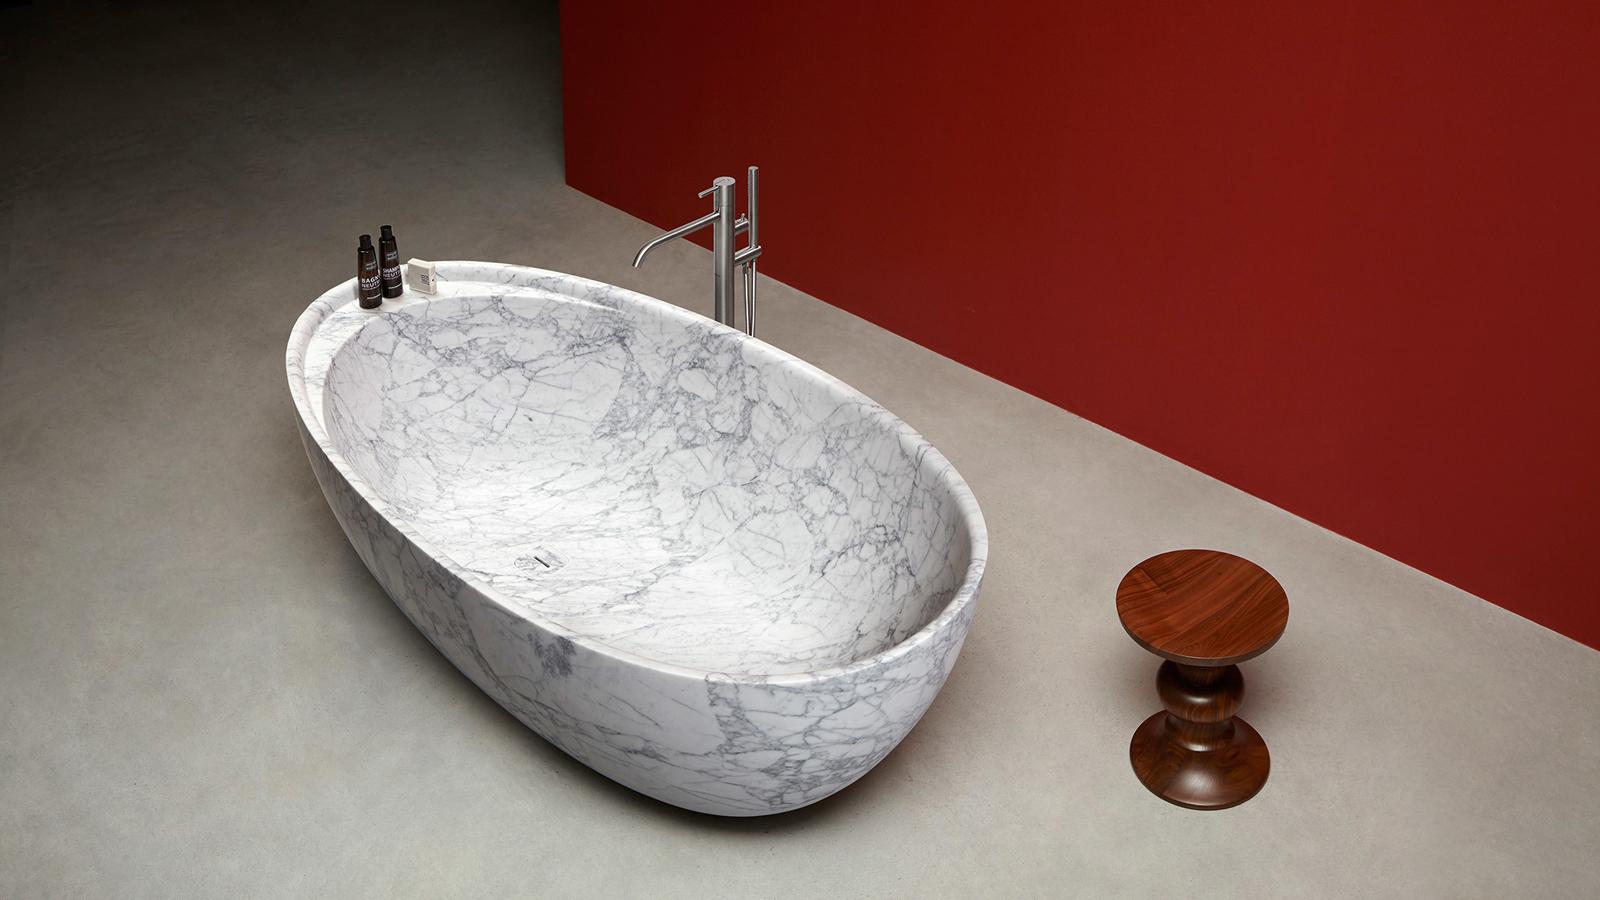 A szabadon álló fürdőkádak kedvelői bizonyára kedvelik majd az Eclipse modell e változatát: a hagyományos, ovális forma itt enyhén organikus stílusban született újjá, mégpedig Carrara-i márványból. A részleteiben is rendkívüli szépségű, monolitikus forma egy praktikus polcot is rejt, melyen a szükséges fürdőkellékek elhelyezhetők.